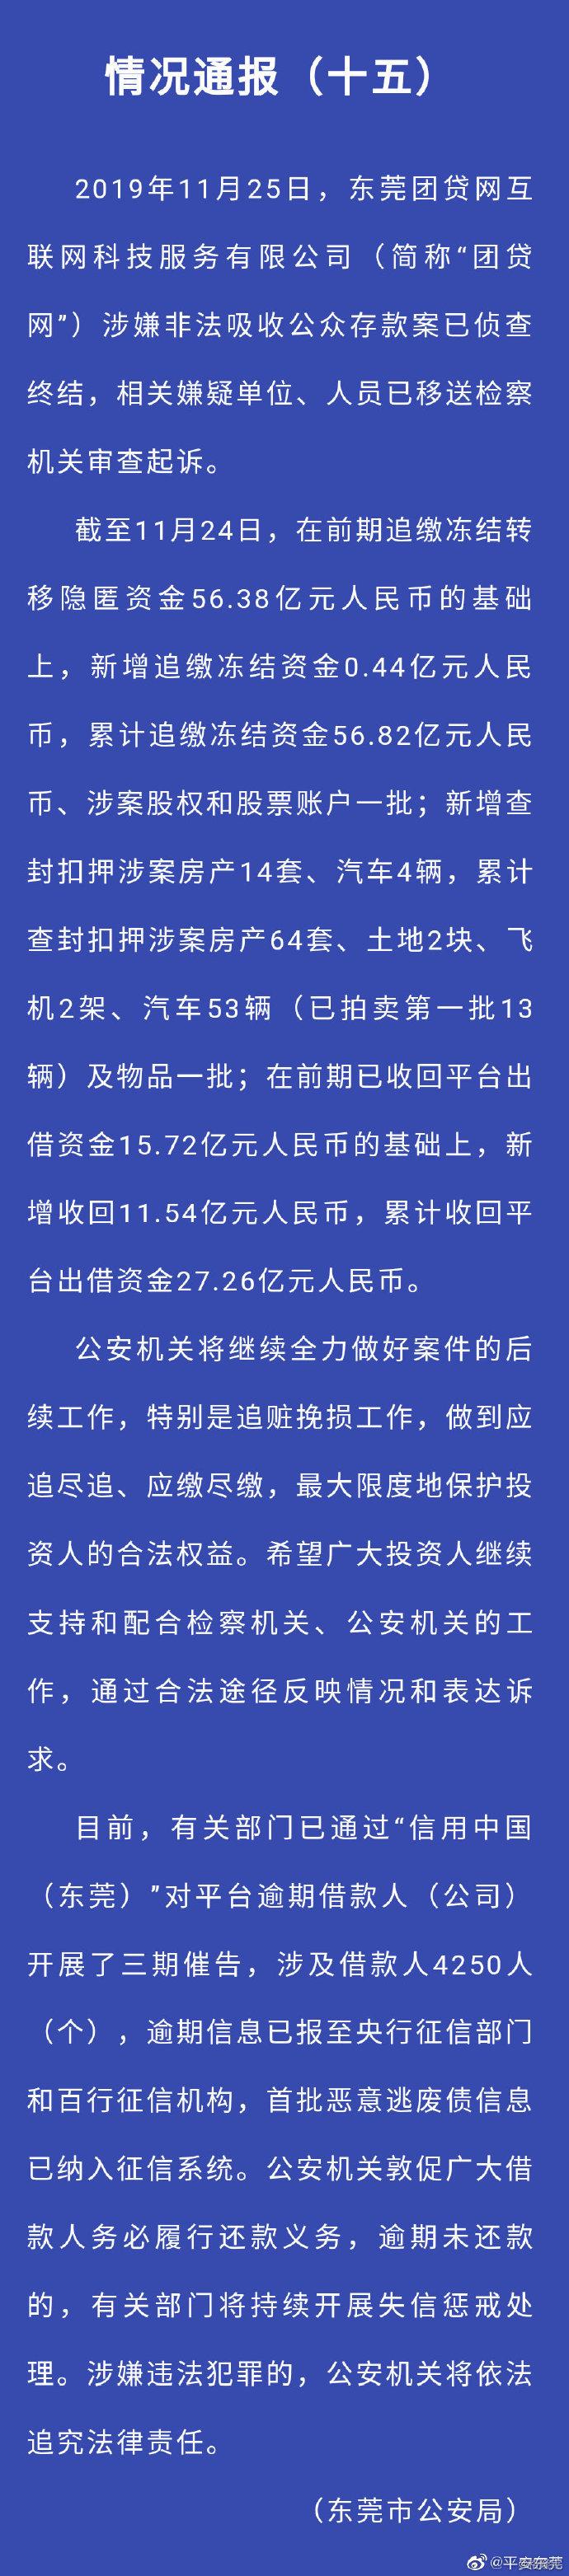 团贷网案嫌疑人移送检方起诉:查封物里有飞机2架 汽车53辆